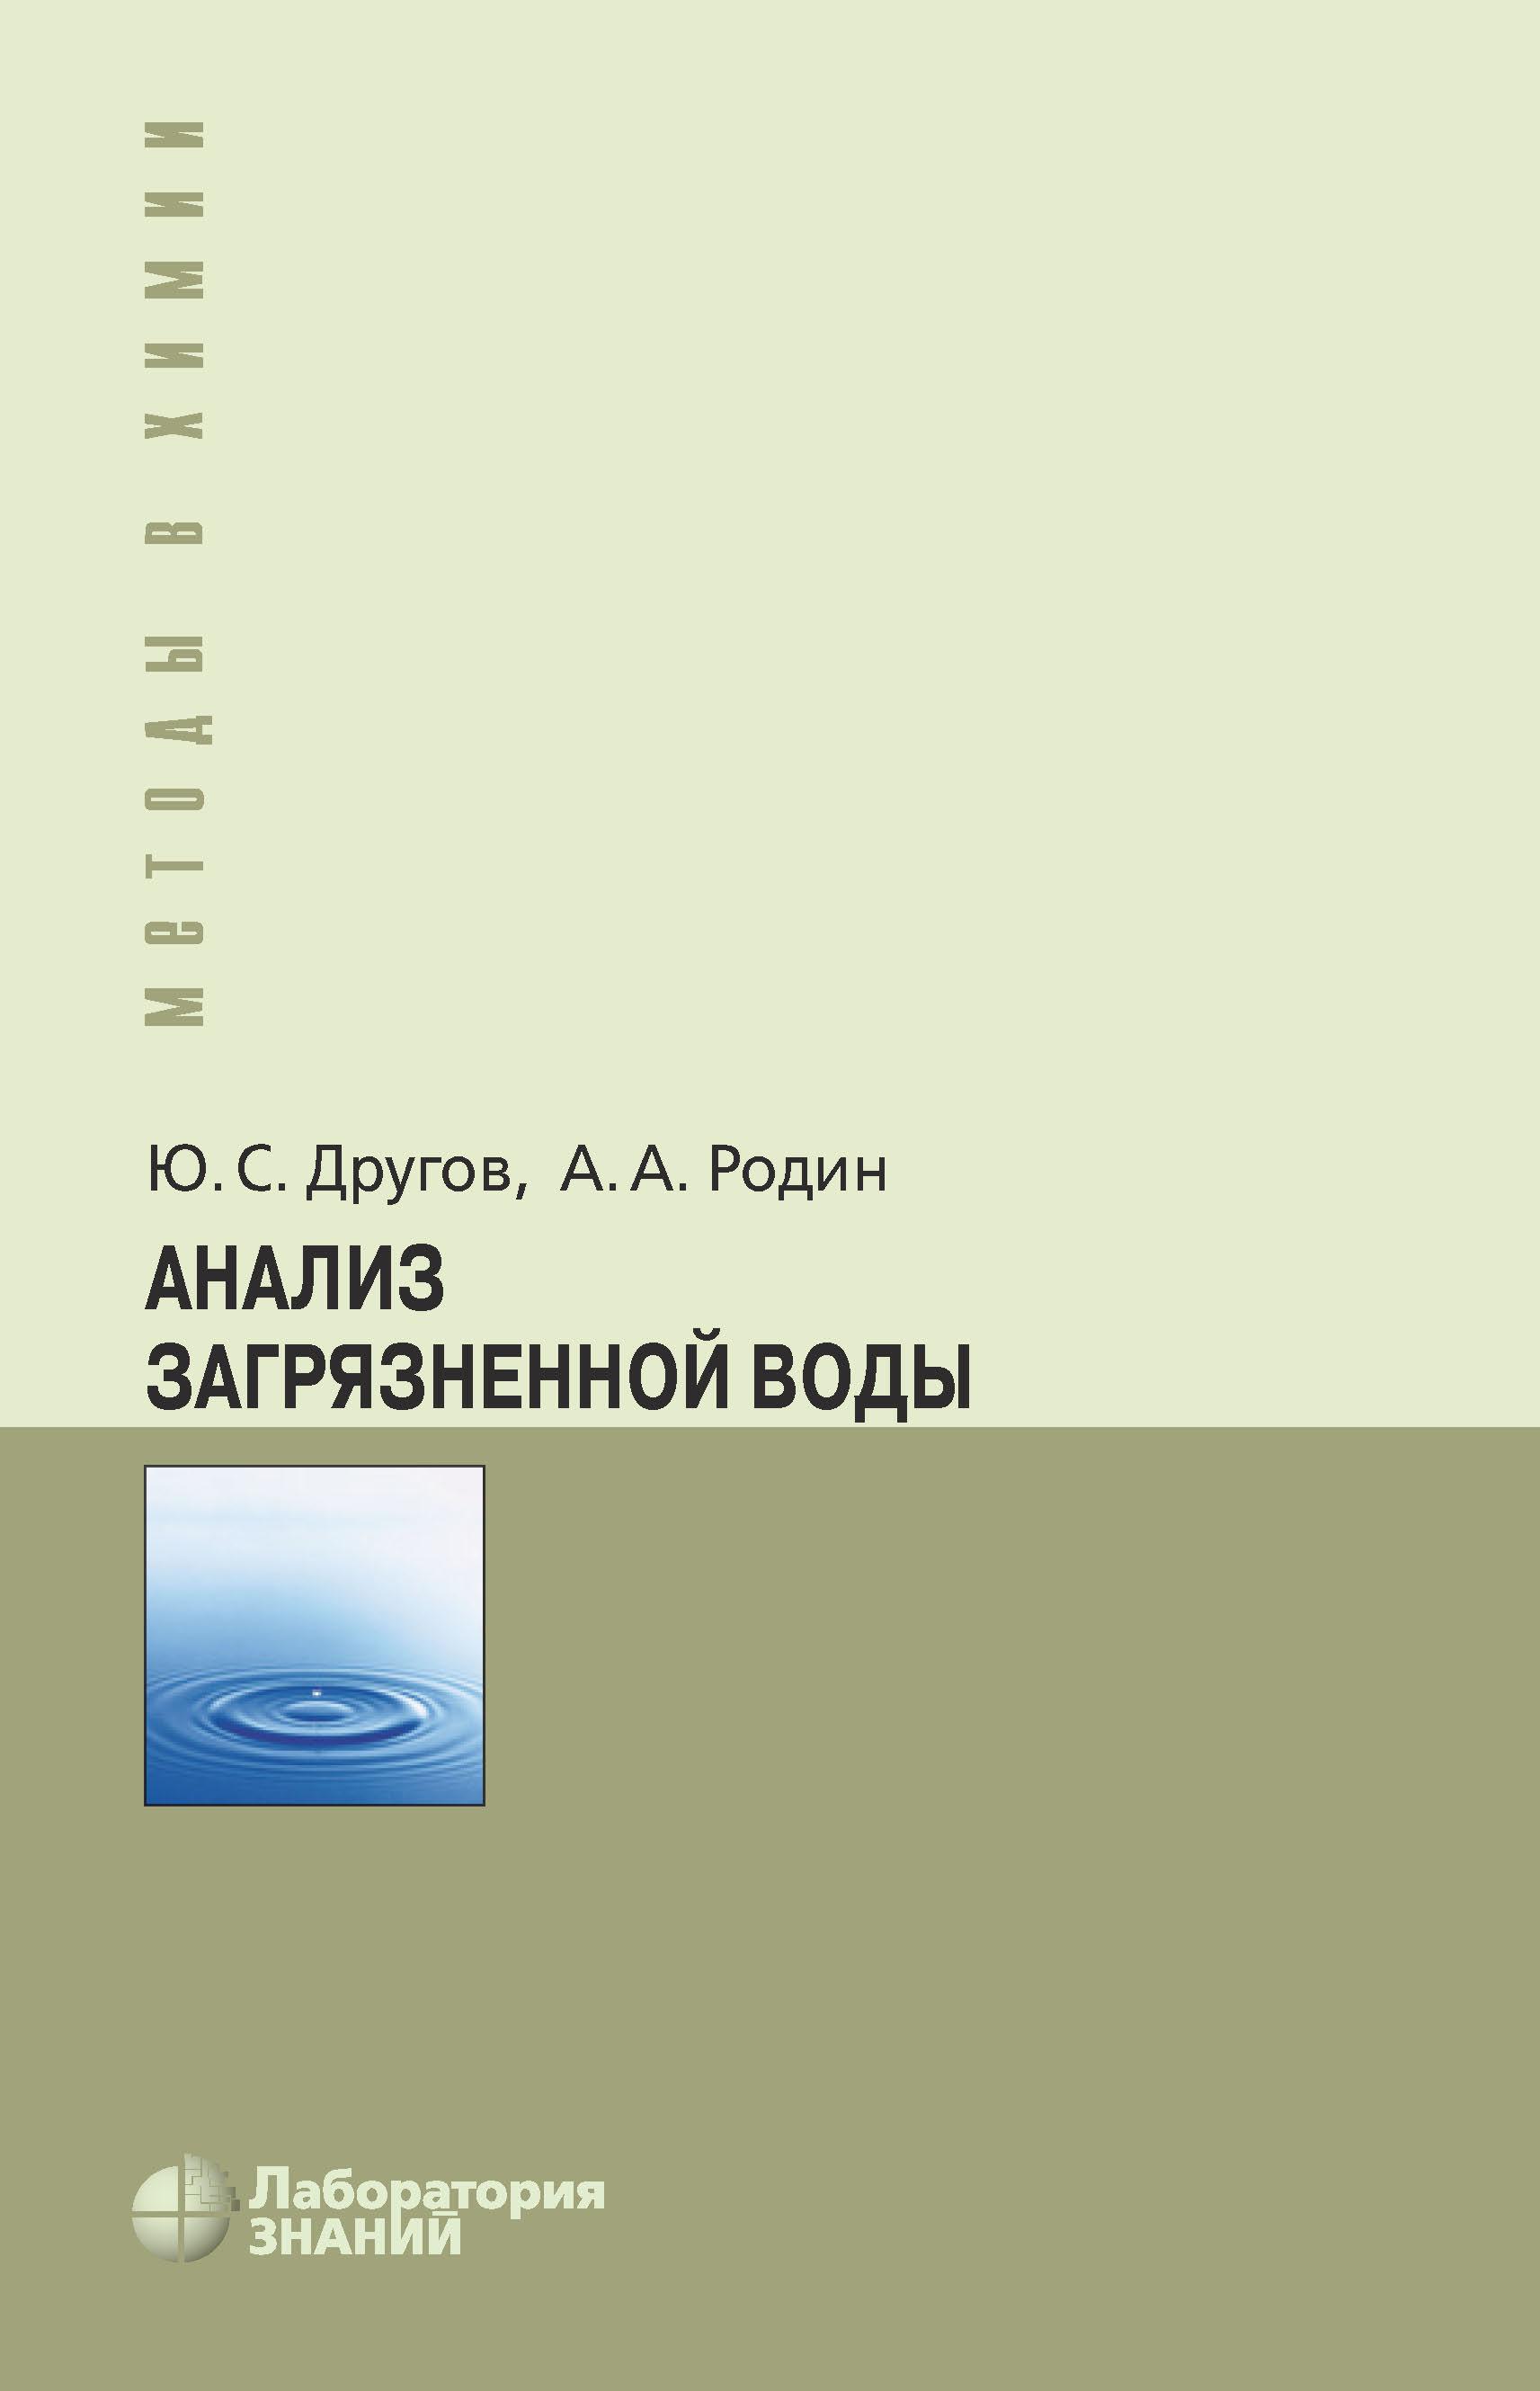 А. А. Родин Анализ загрязненной воды. Практическое руководство